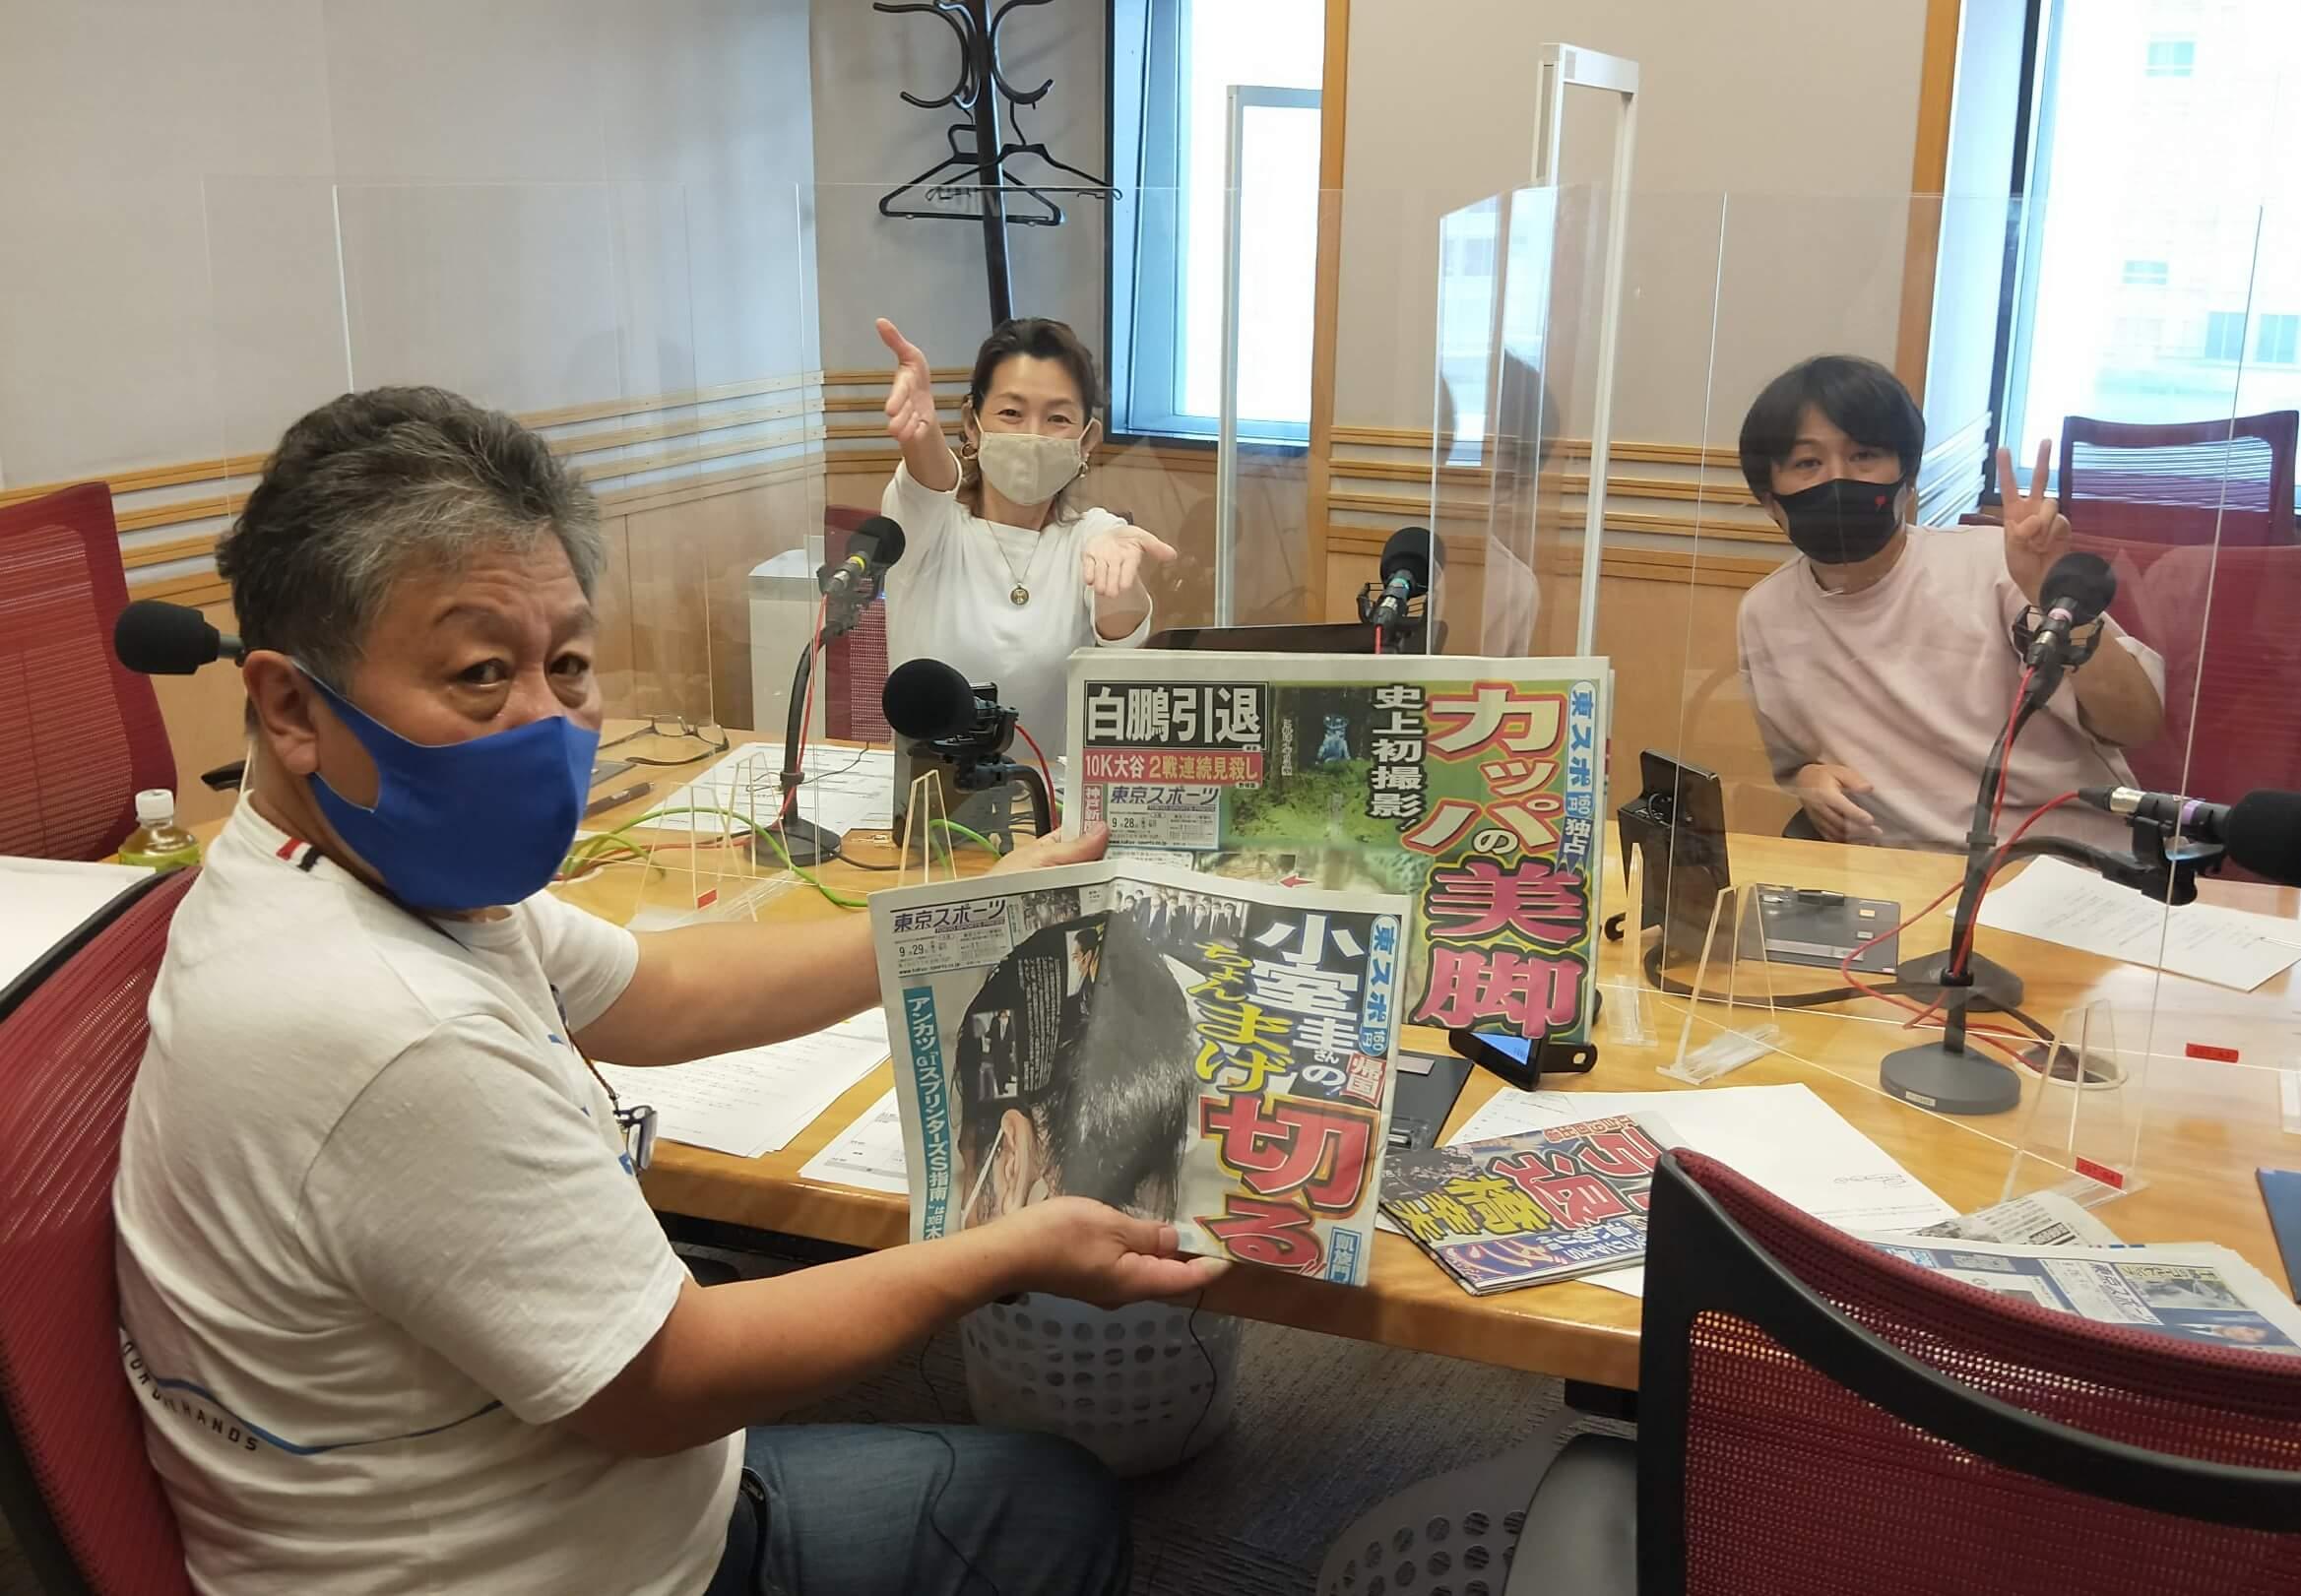 『くにまるジャパン極・くにまるウーバー・トーク』9月30日(木)のお客様:種井一司さん